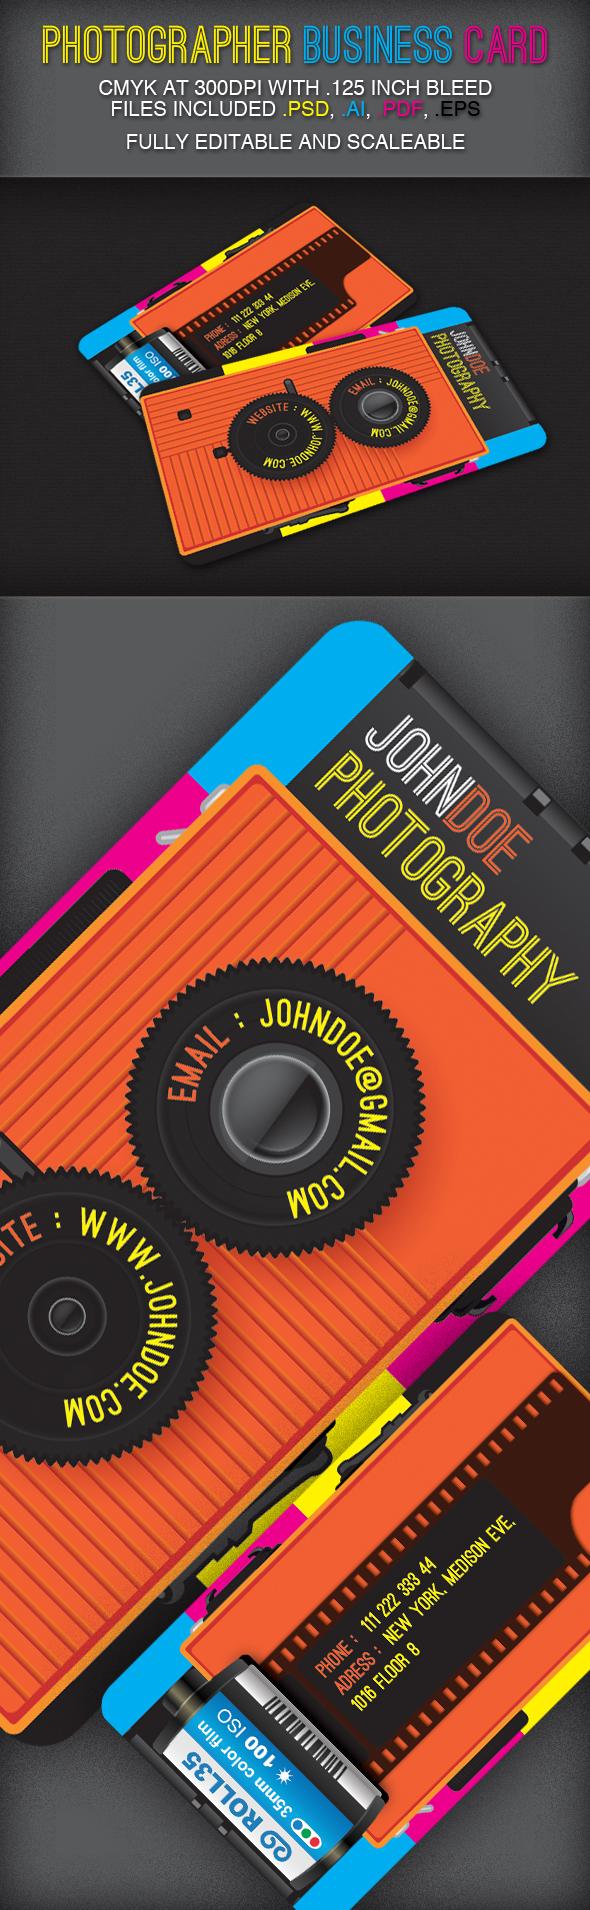 Photographer Business Card Design By 7evenheavens Deviantart Com